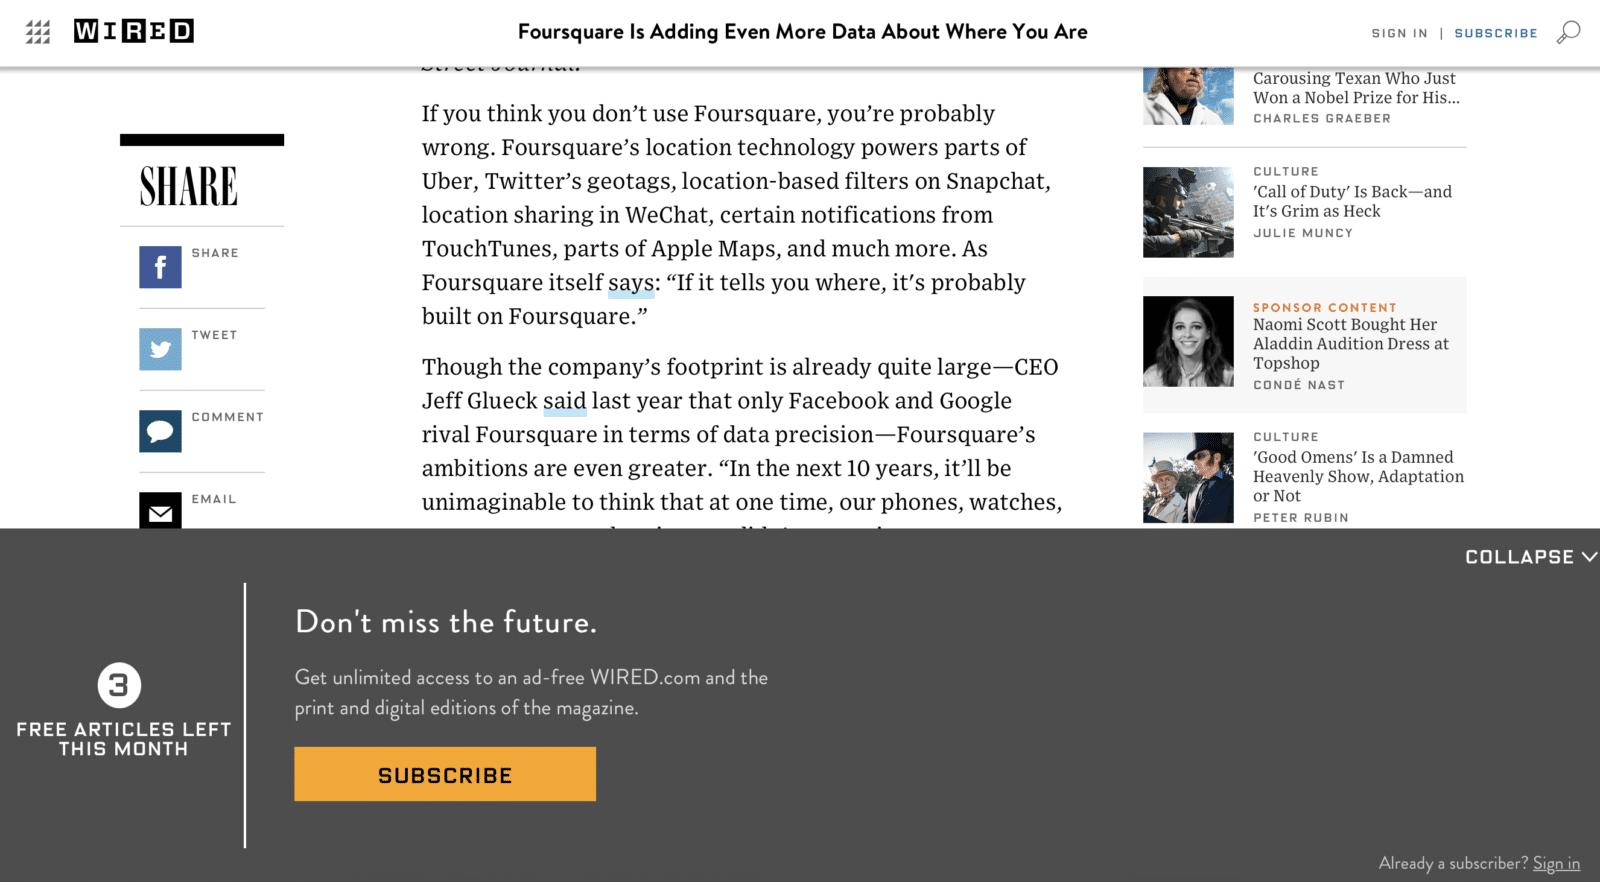 ให้ Sponsor เป็นคนจ่ายค่า Pay Wall วิธีคิดใหม่ของ Wired ที่ได้กันทั้งสองฝ่าย